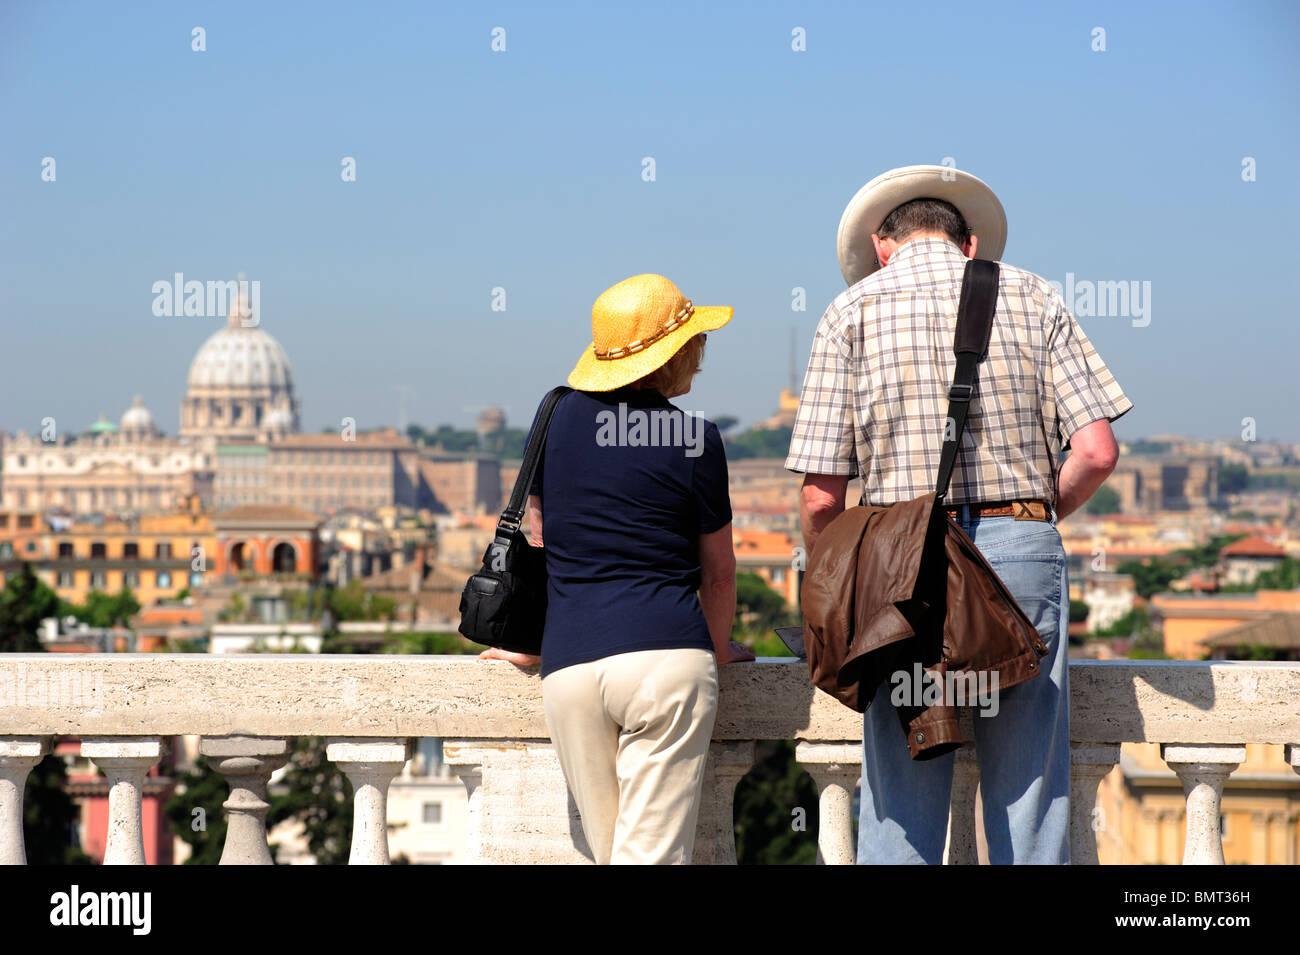 Italien, Rom, Pincio-Hügel, Aussichtspunkt mit Blick auf Piazza del Popolo, Touristen Stockbild